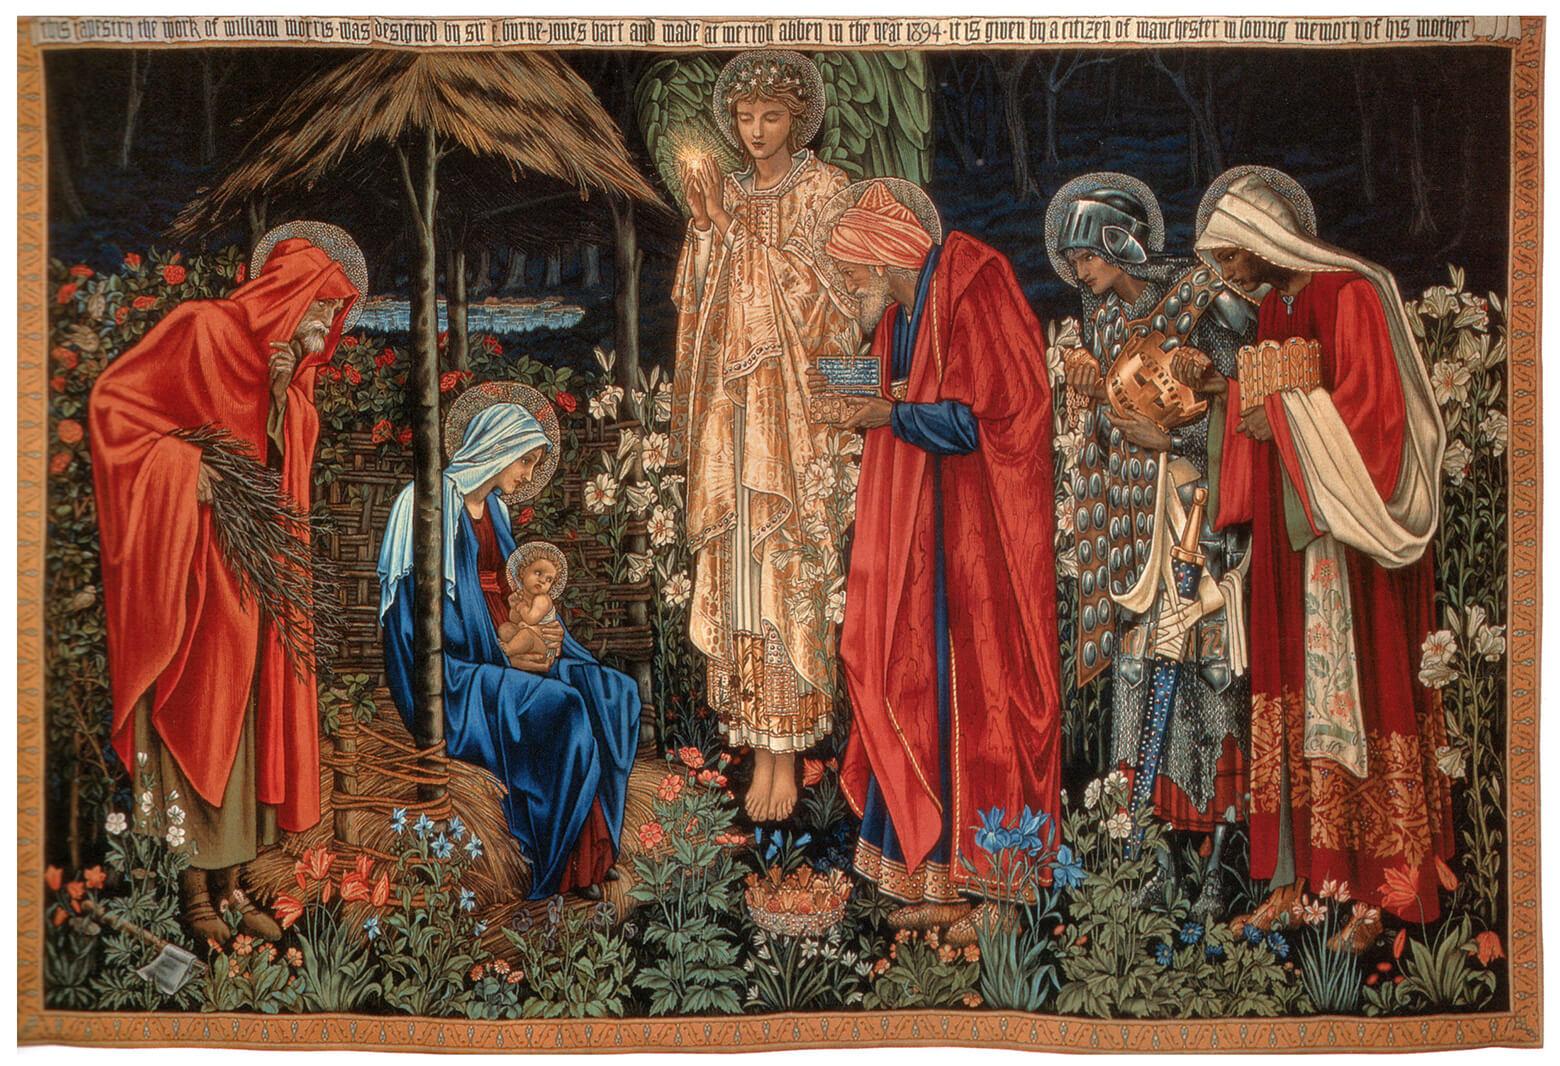 A tapeçaria Adoration of the Magi (Adoração dos Magos) que data de 1894 da Universidade Metropolitana de Manchester, Inglaterra.Imagem cortesia de Wikimedia Commons.